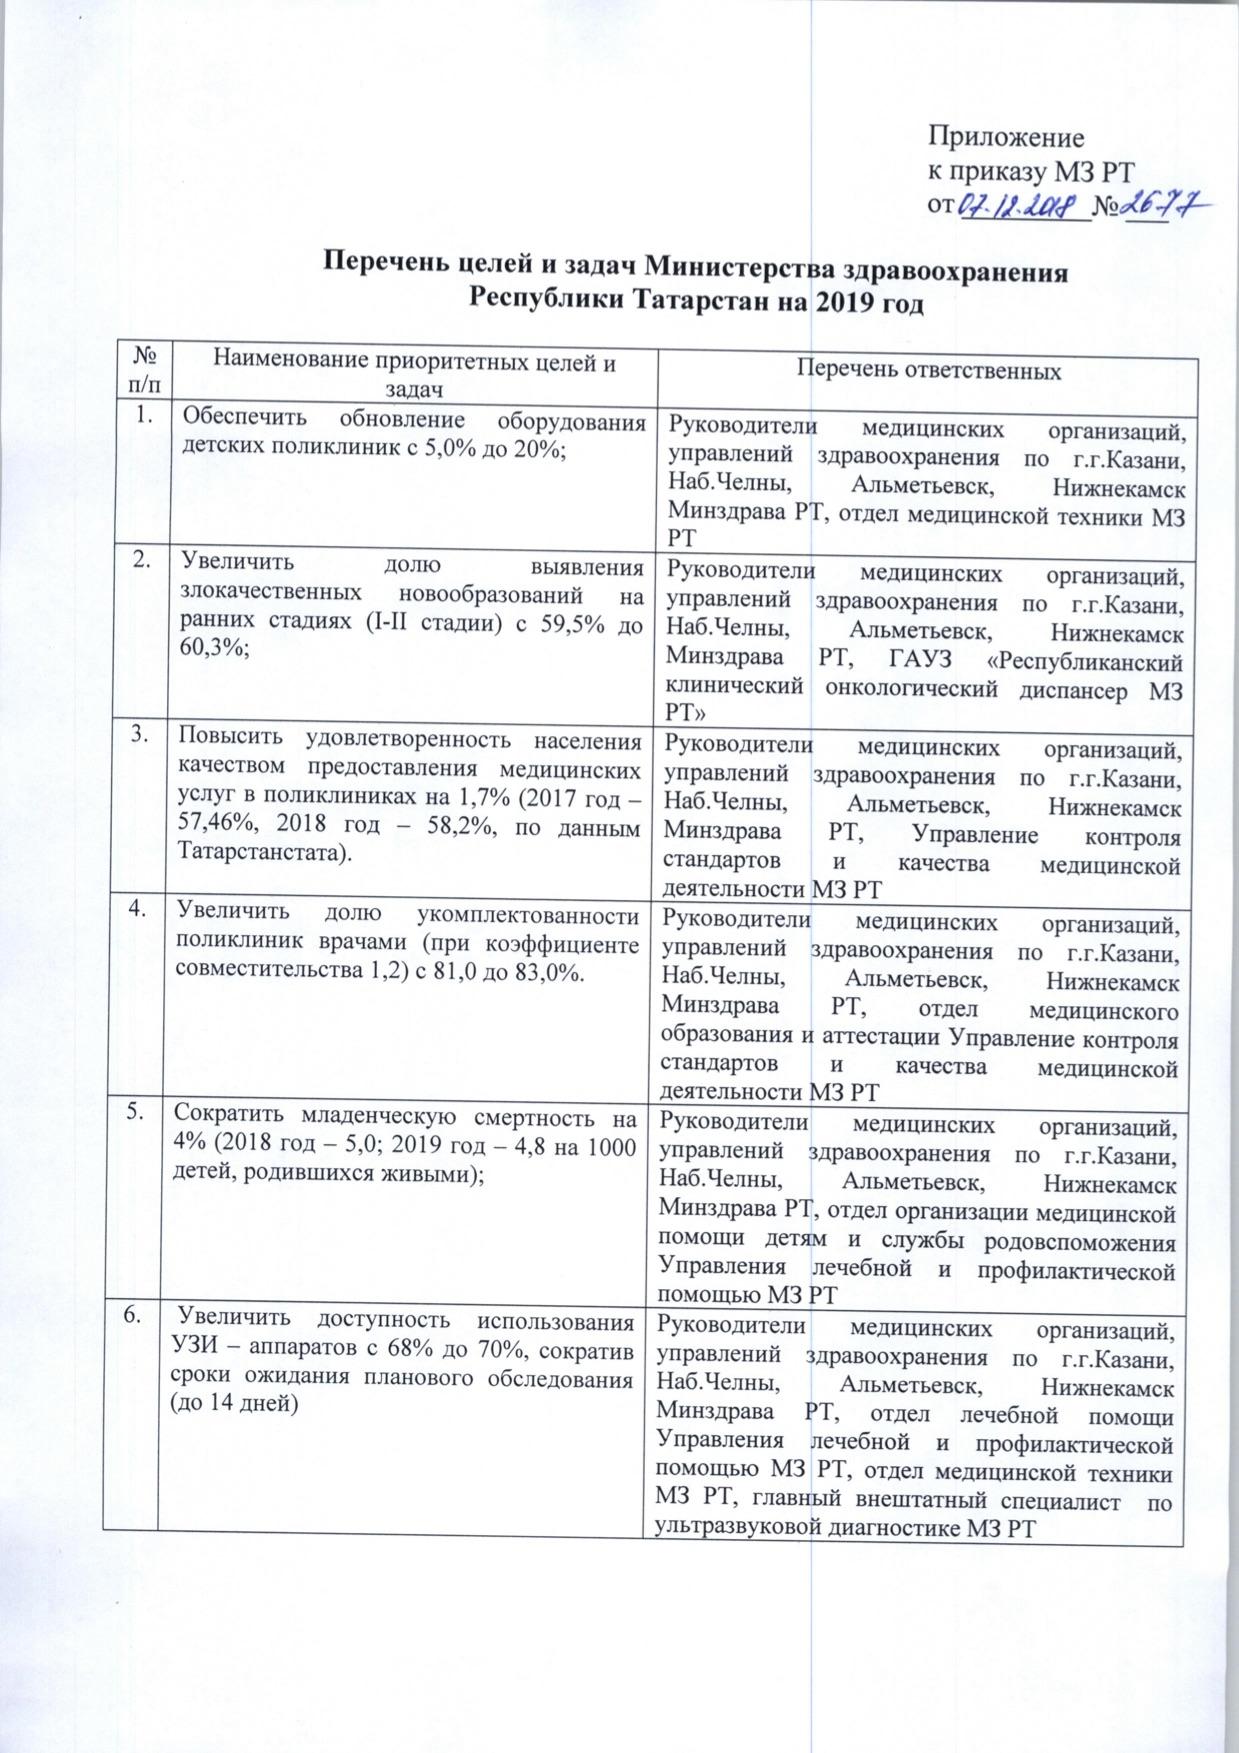 07.12.2018_2050_Sady'kov M.N._Mardanova E`.F-12jpg